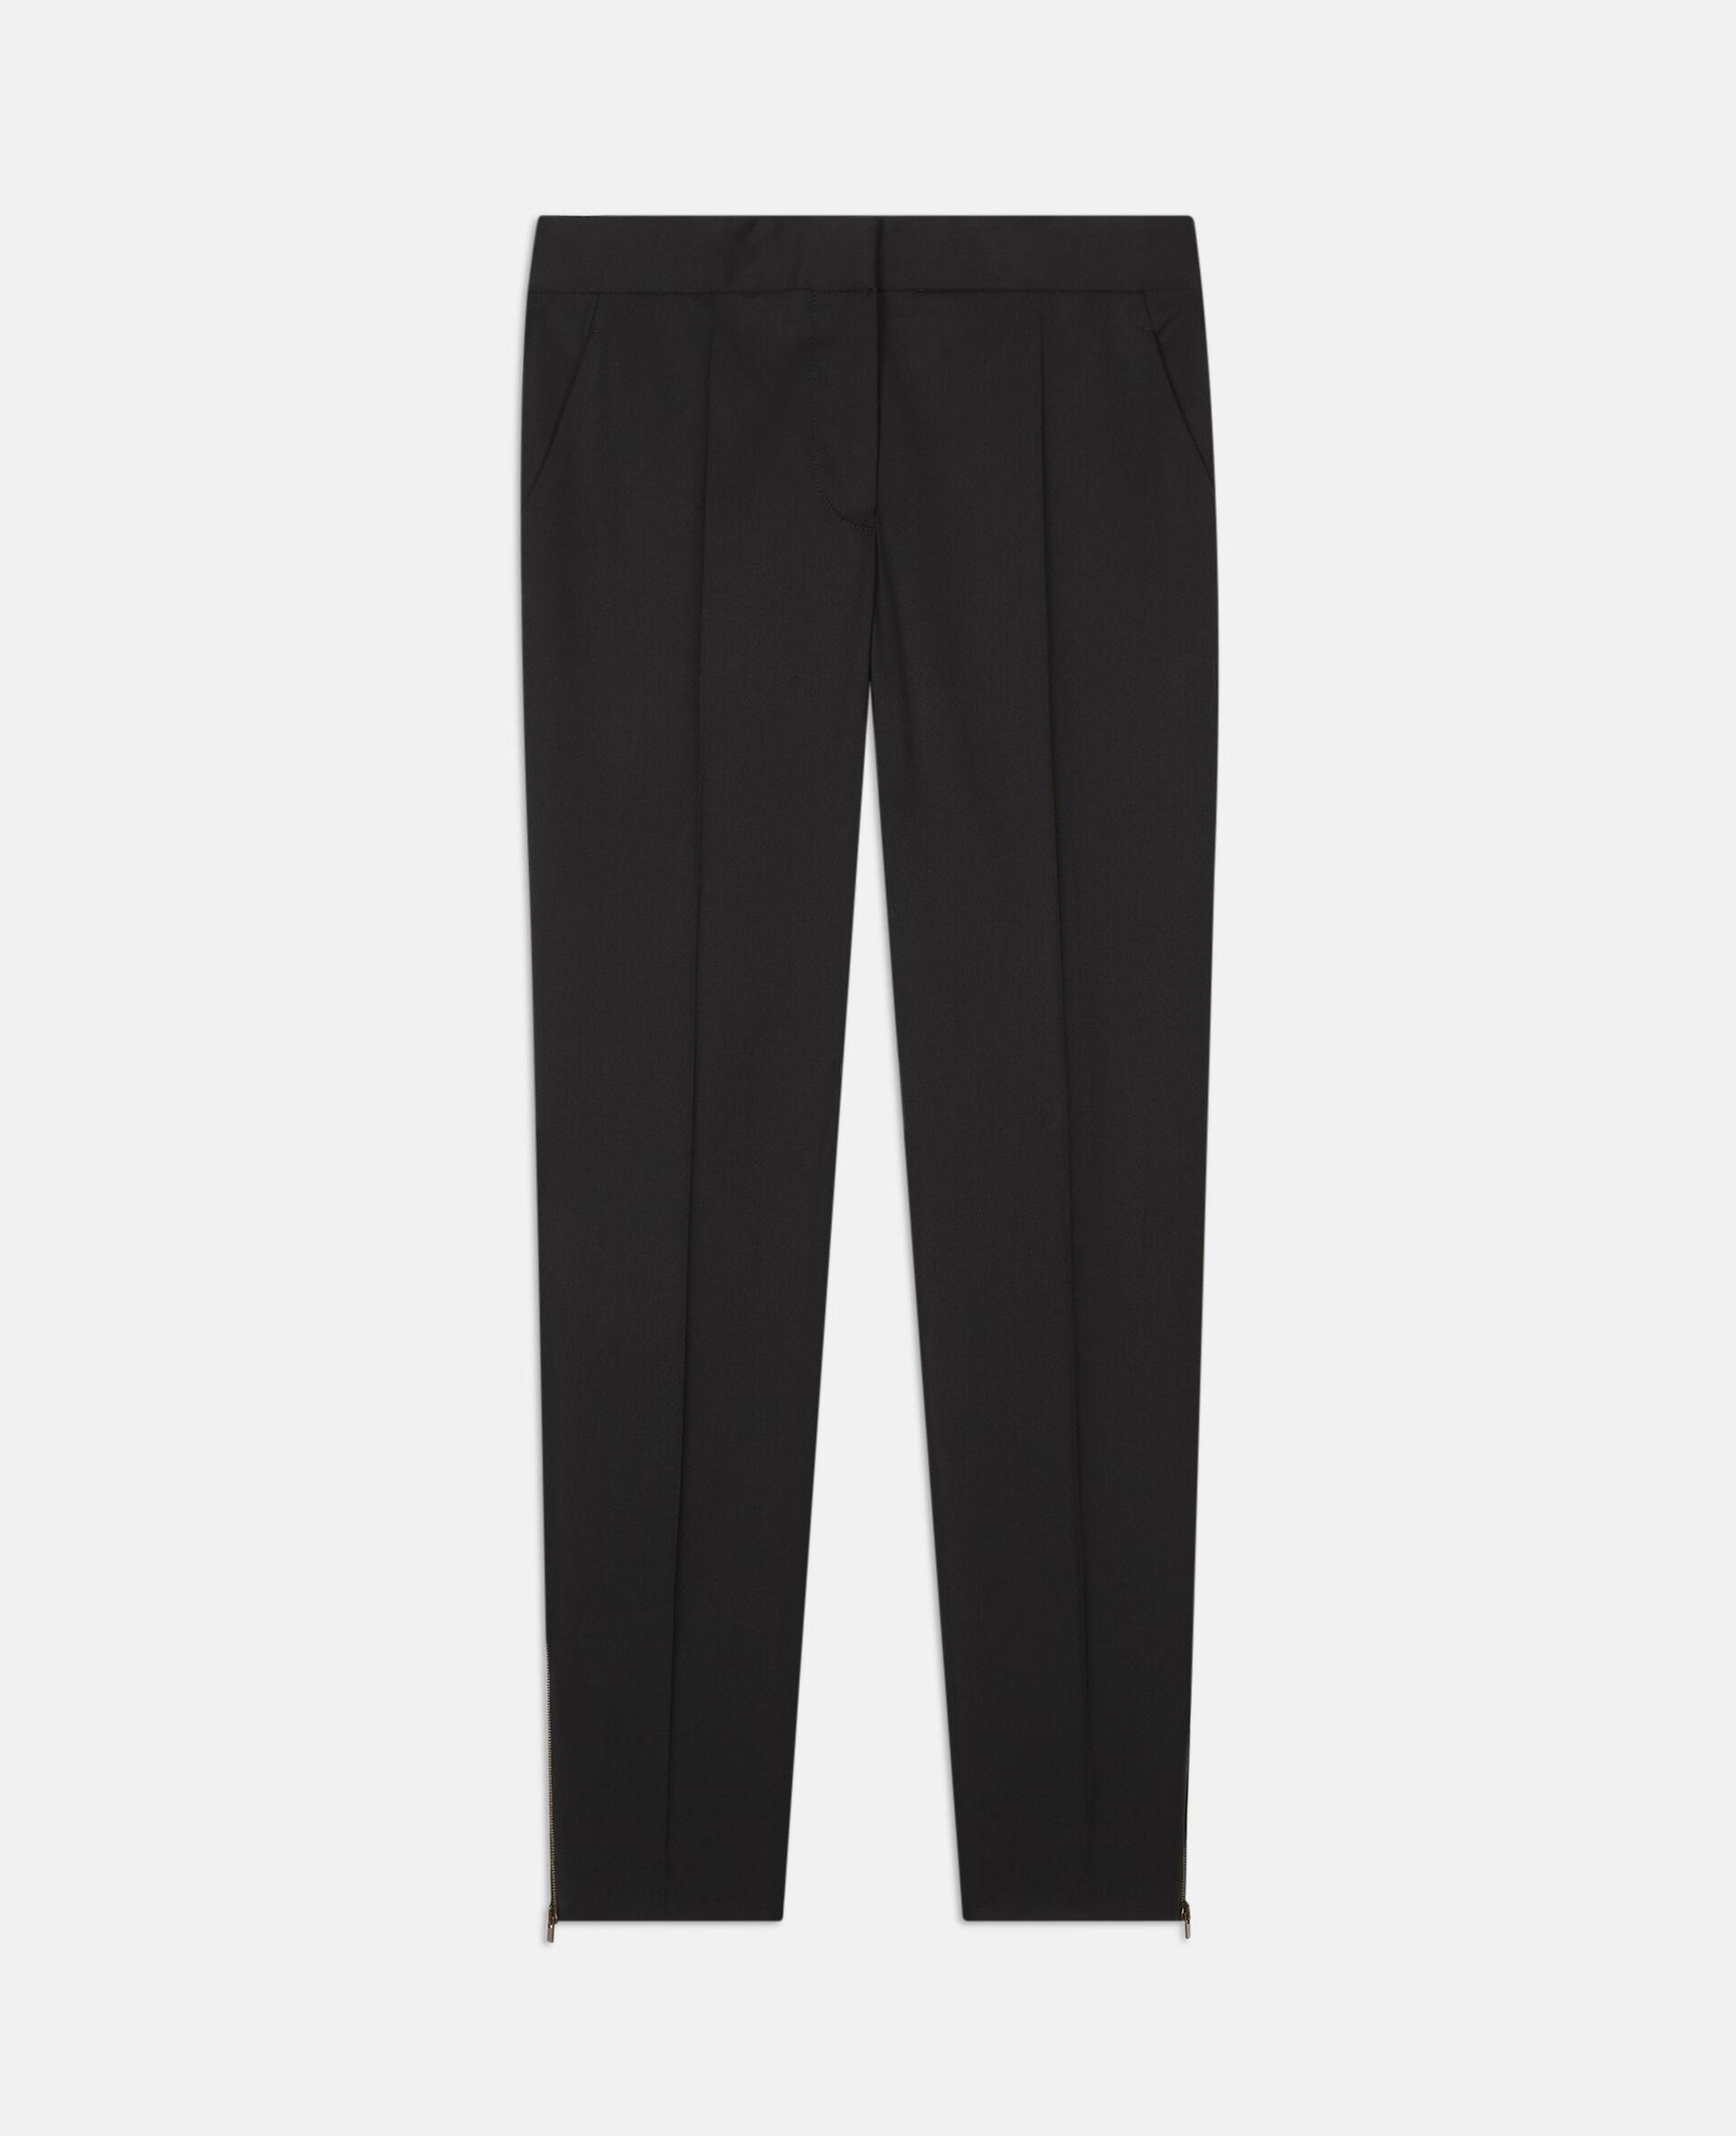 Pantaloni Vivian-Nero-large image number 0